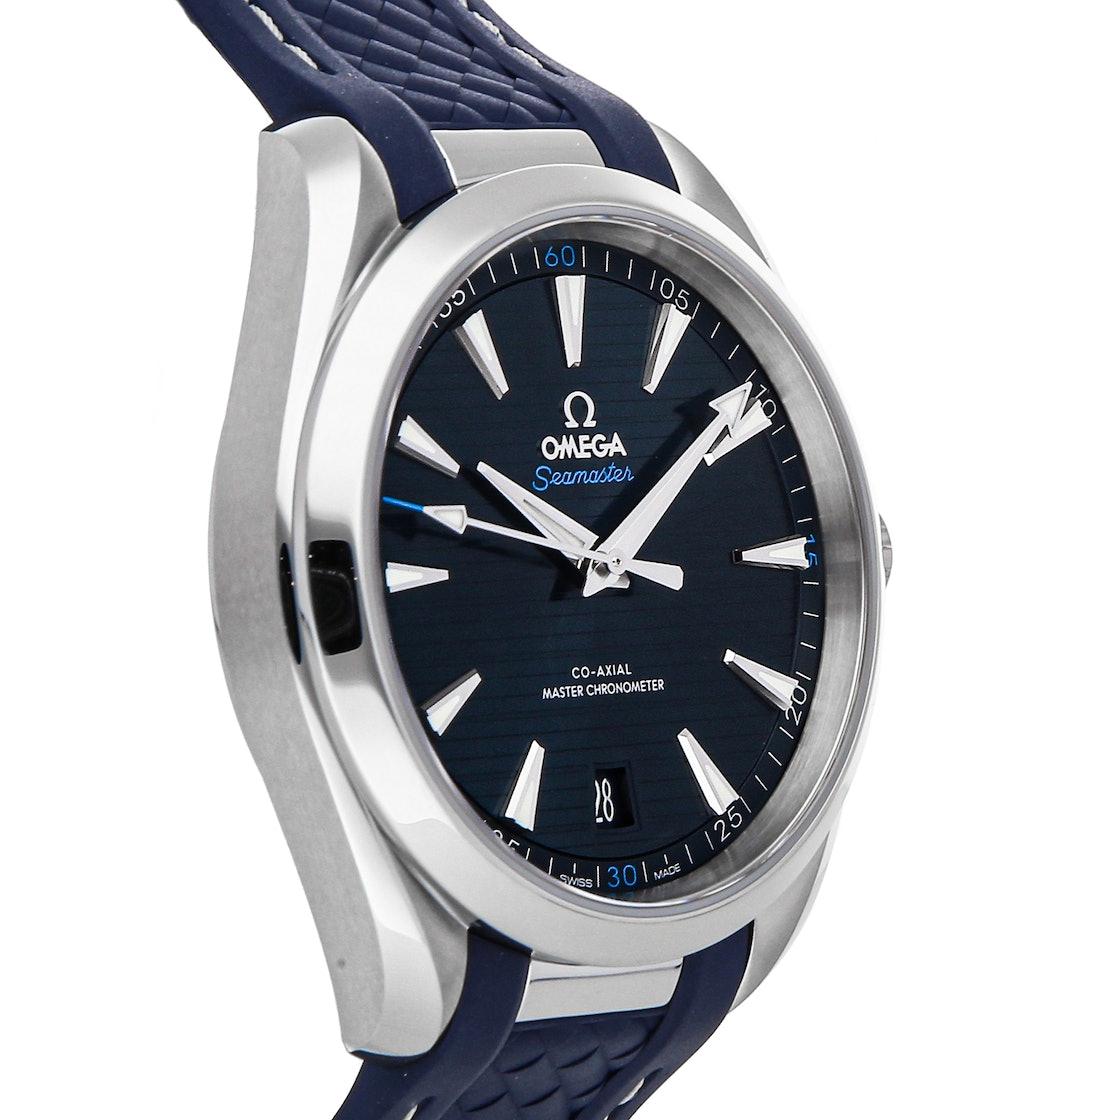 Omega Seamaster Aqua Terra 150m 220.12.41.21.03.001